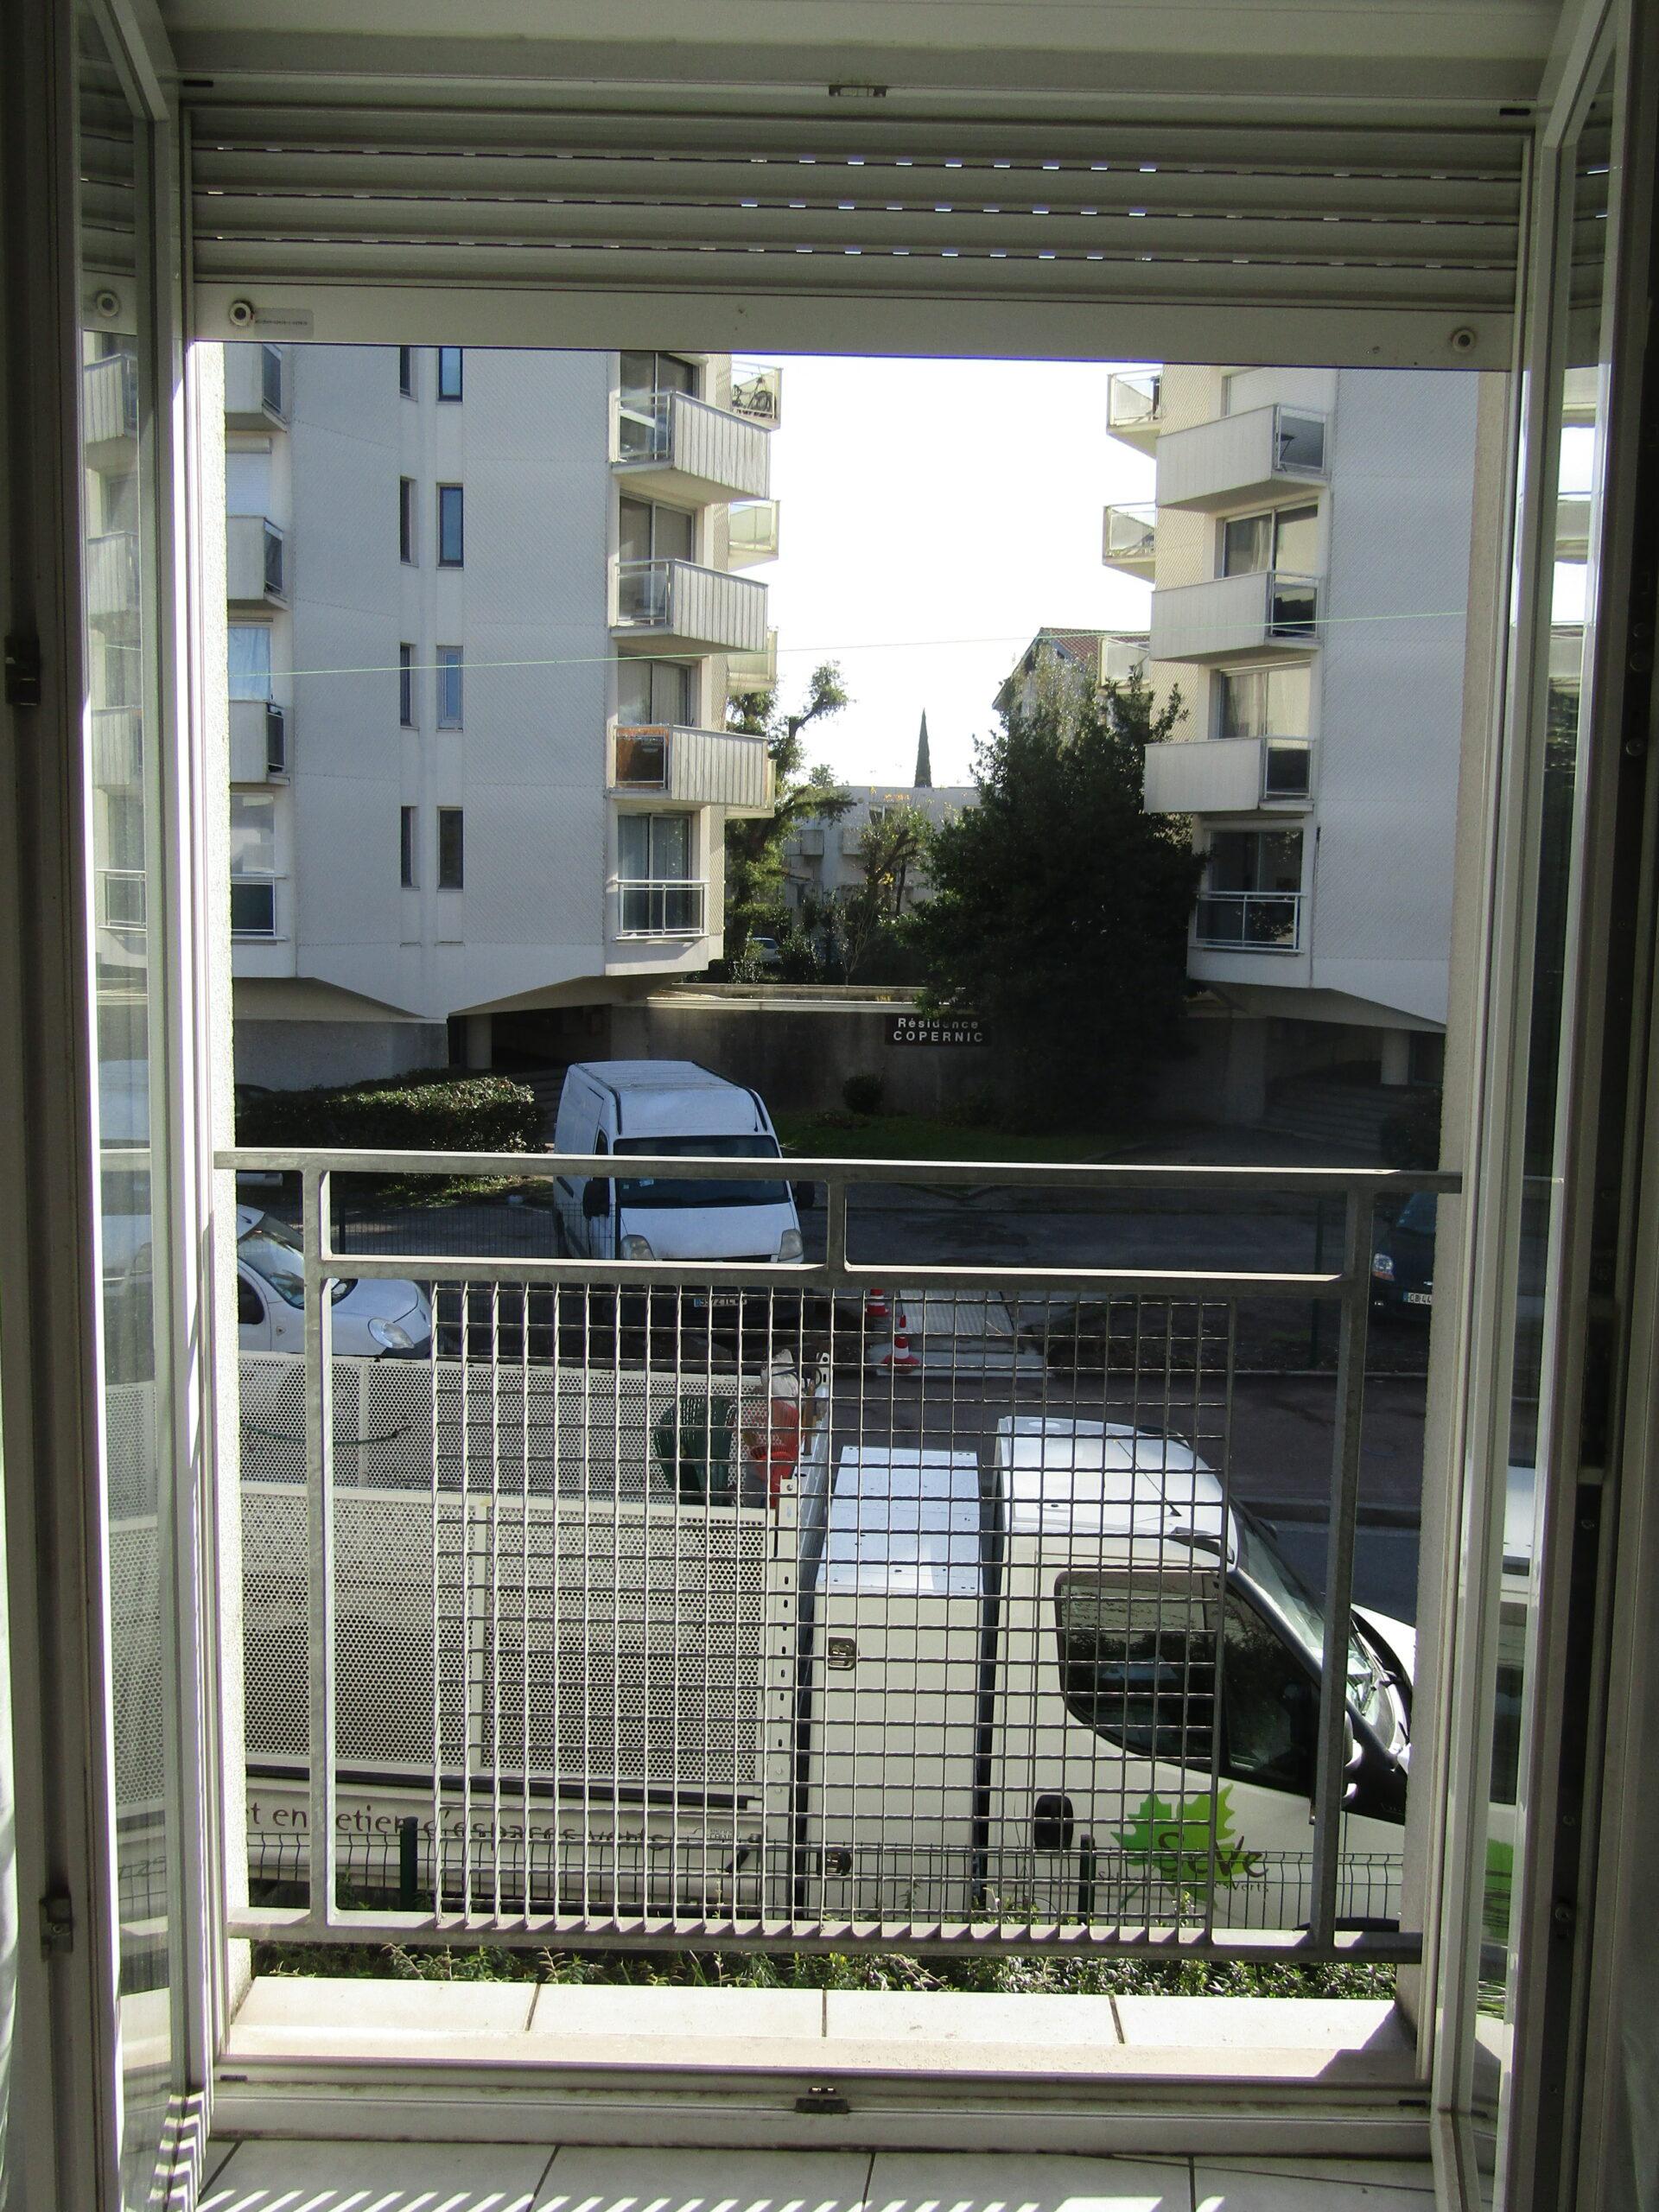 Une fenêtre ouverte qui donne sur l'extérieur, on peut apercevoir une grille sur le rebord de la fenêtre. À l'extérieur on voit un camion et des bâtiments.